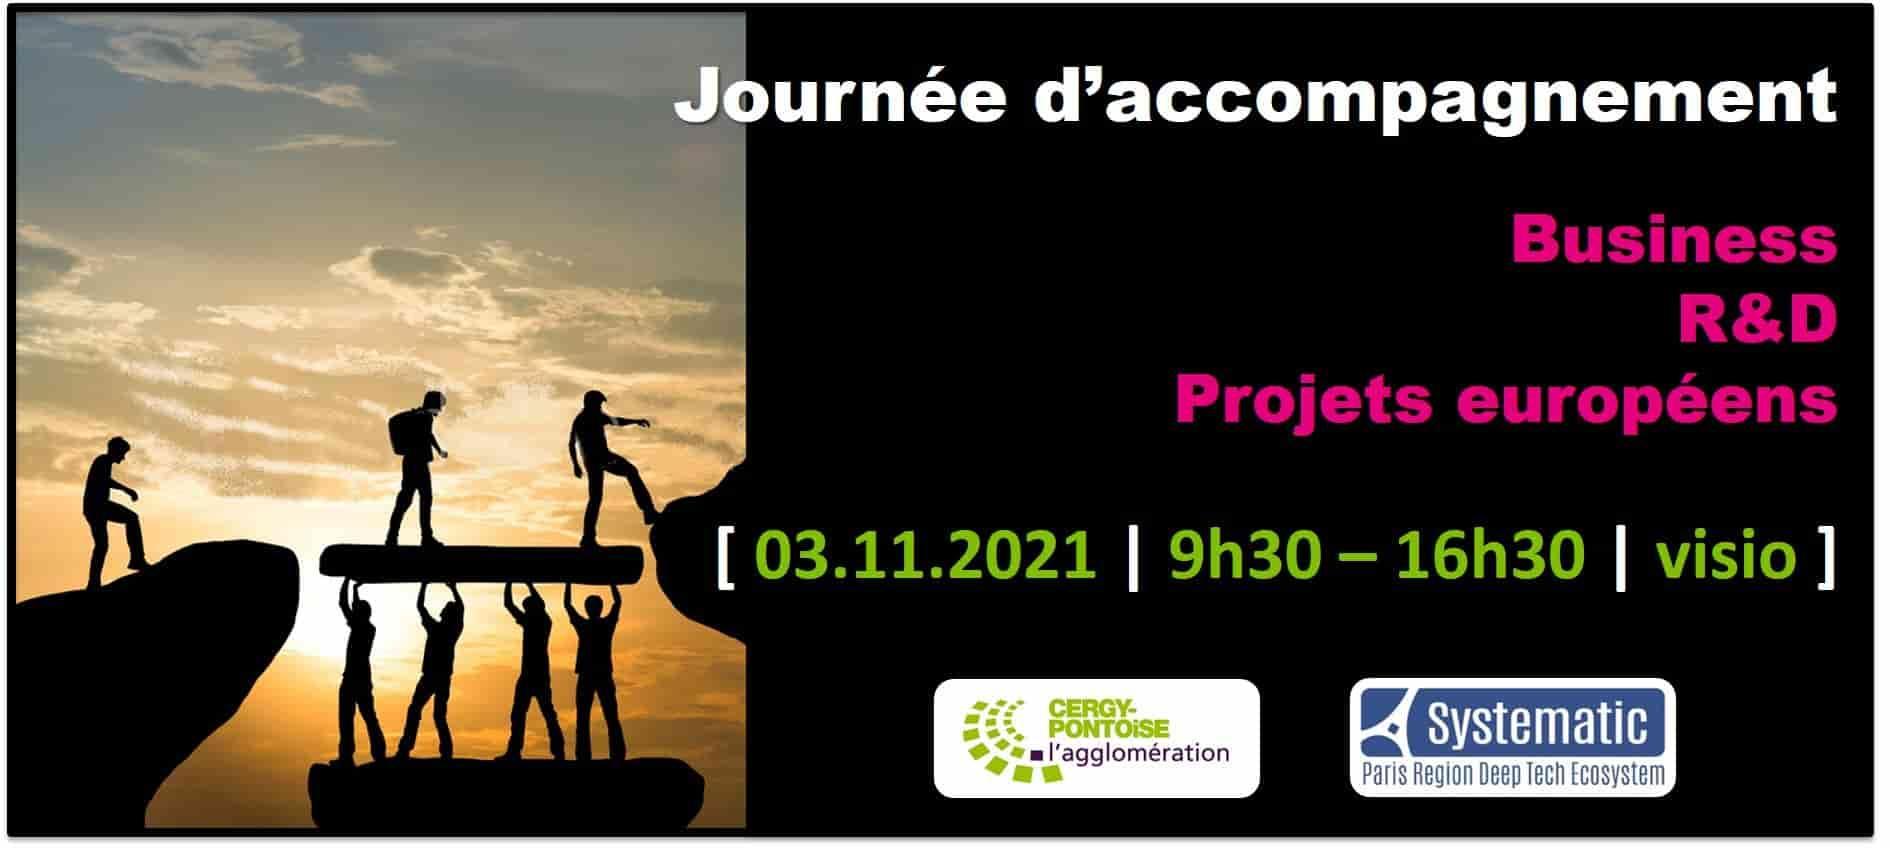 Journée d'accompagnement business, R&D et projets européens par Systematic pour les entreprises de la CA Cergy Pontoise